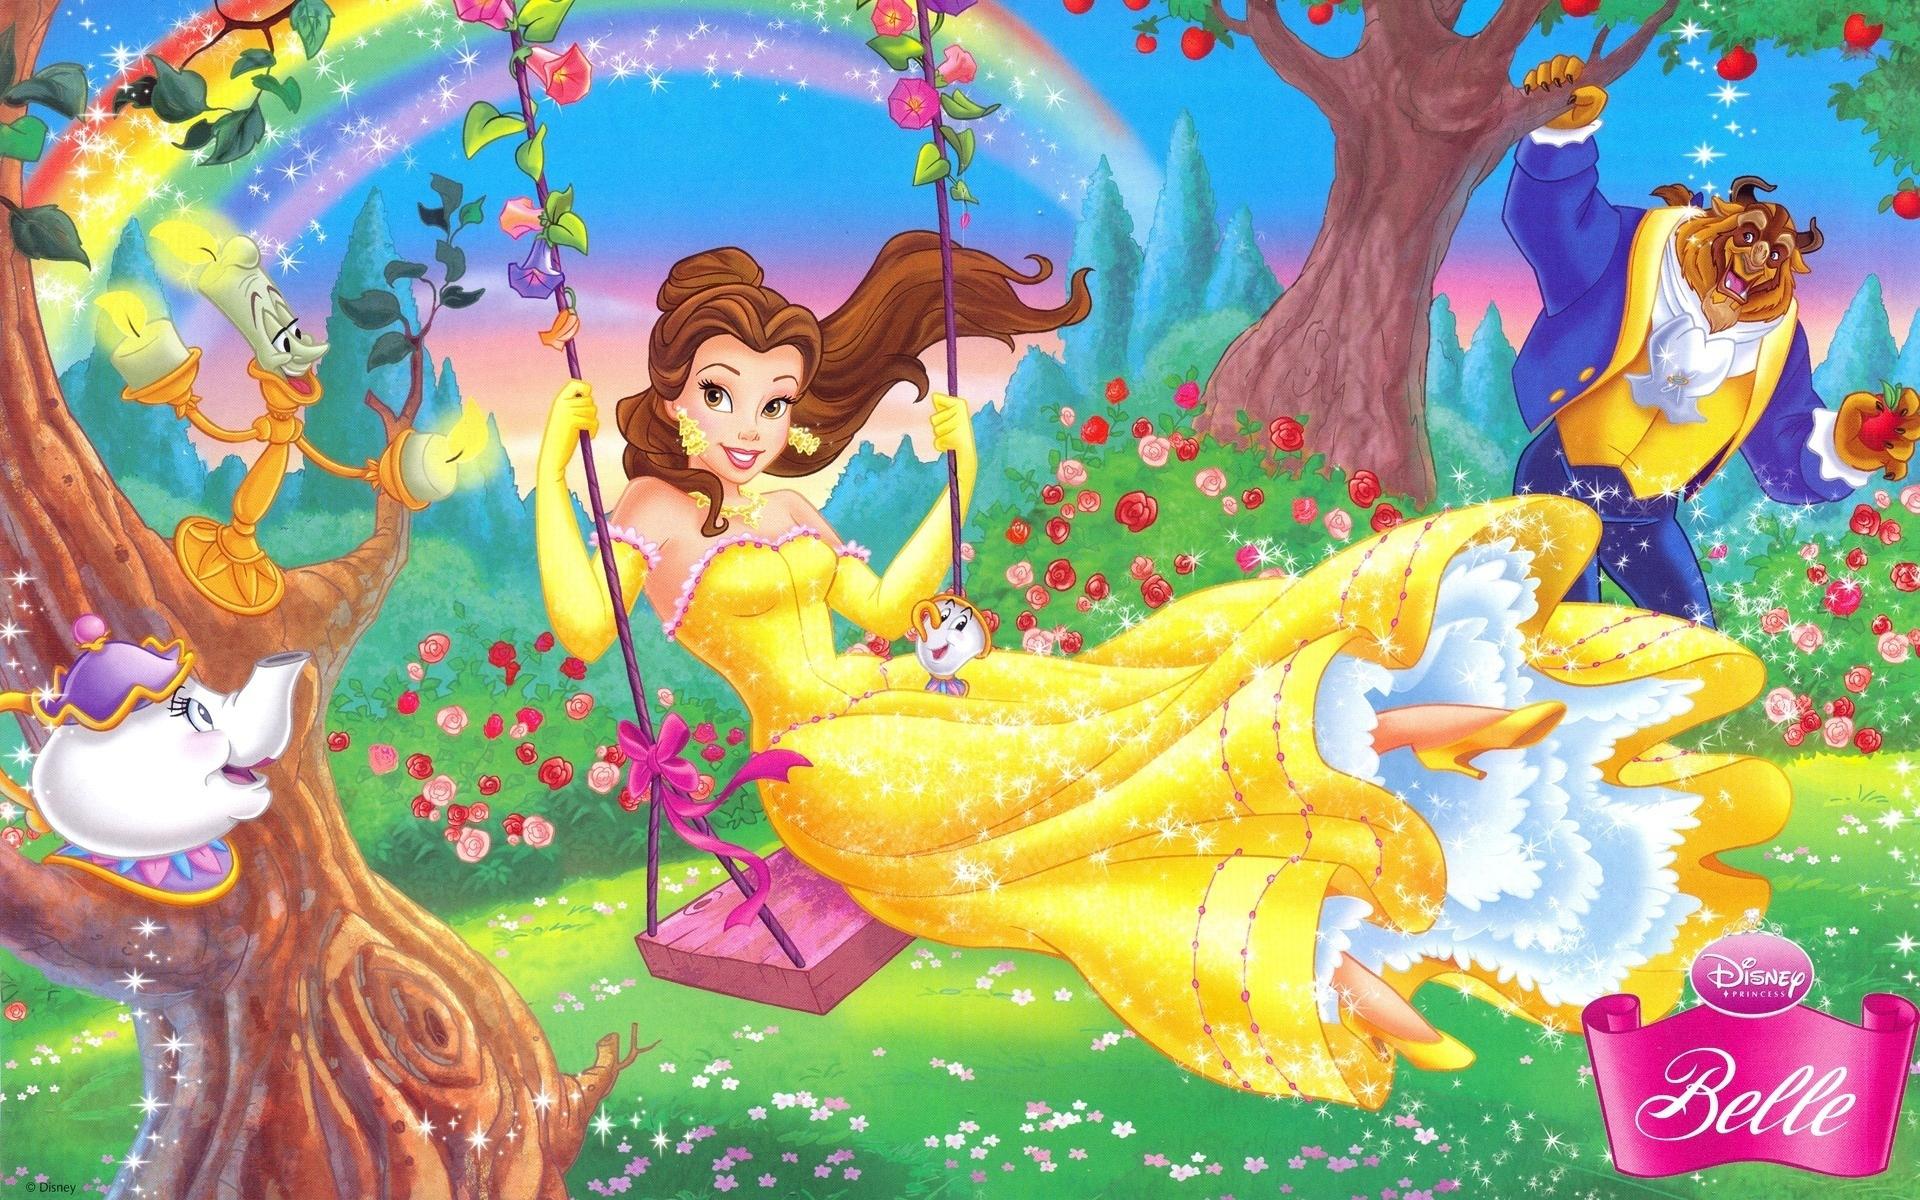 Hình ảnh hoạt hình những nàng công chúa dễ thương